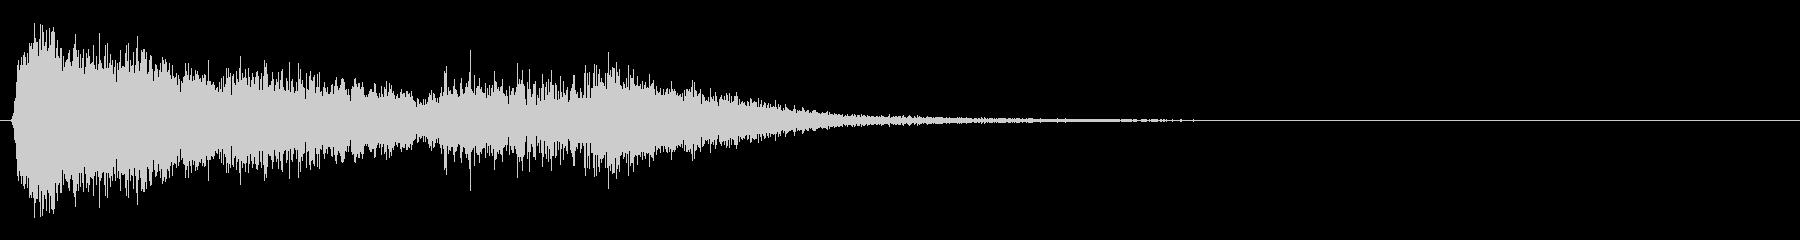 Symphonic Logo / ...の未再生の波形